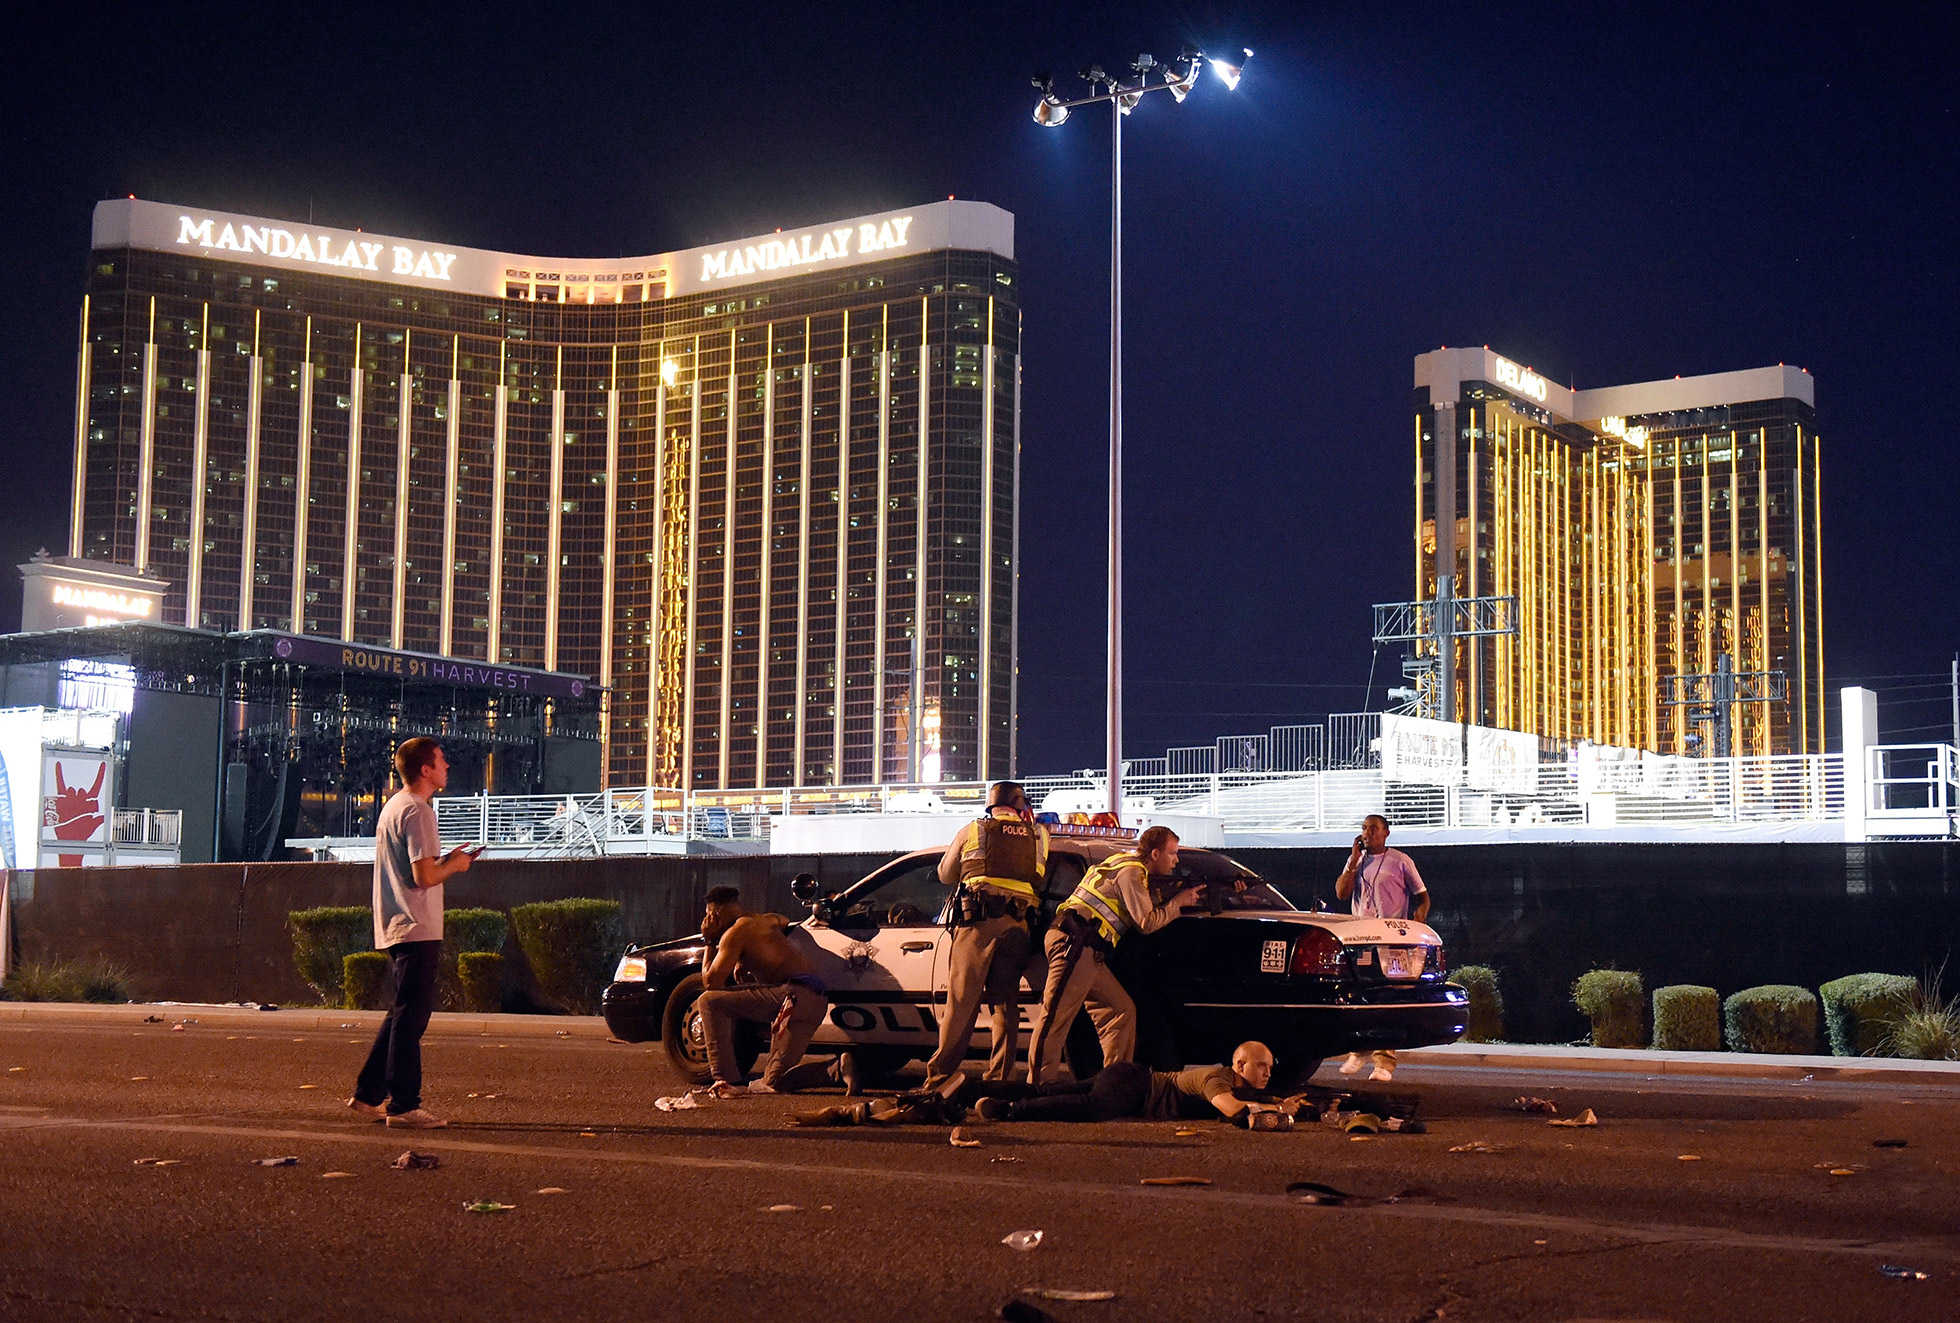 """Primer premio de la categoría Noticias de Actualidad – Historias  """"Masacre en Las Vegas"""" de David Becker, Getty Images"""